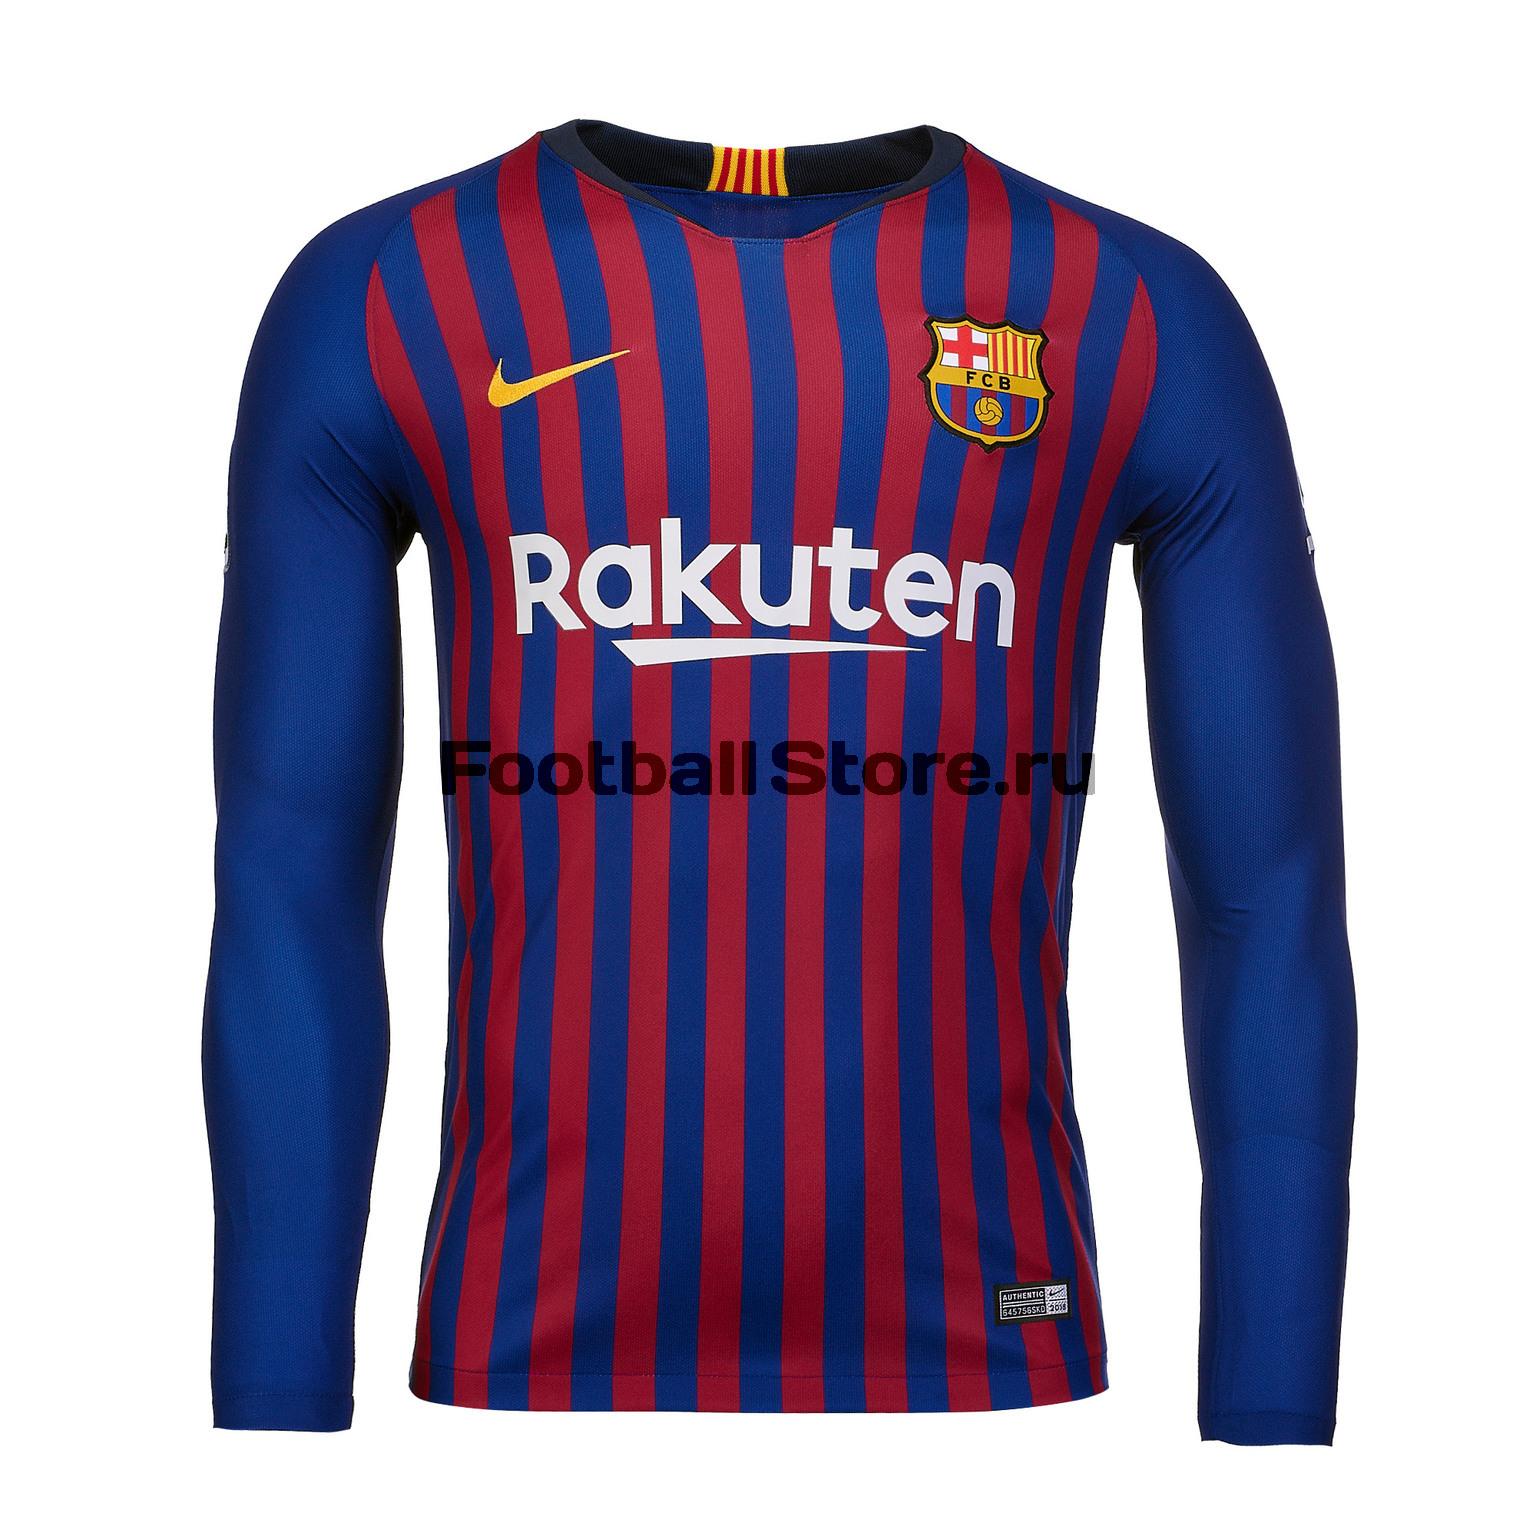 Футболка игровая домашняя Nike Barcelona 2018/19 футболка игровая домашняя nike barcelona 2018 19